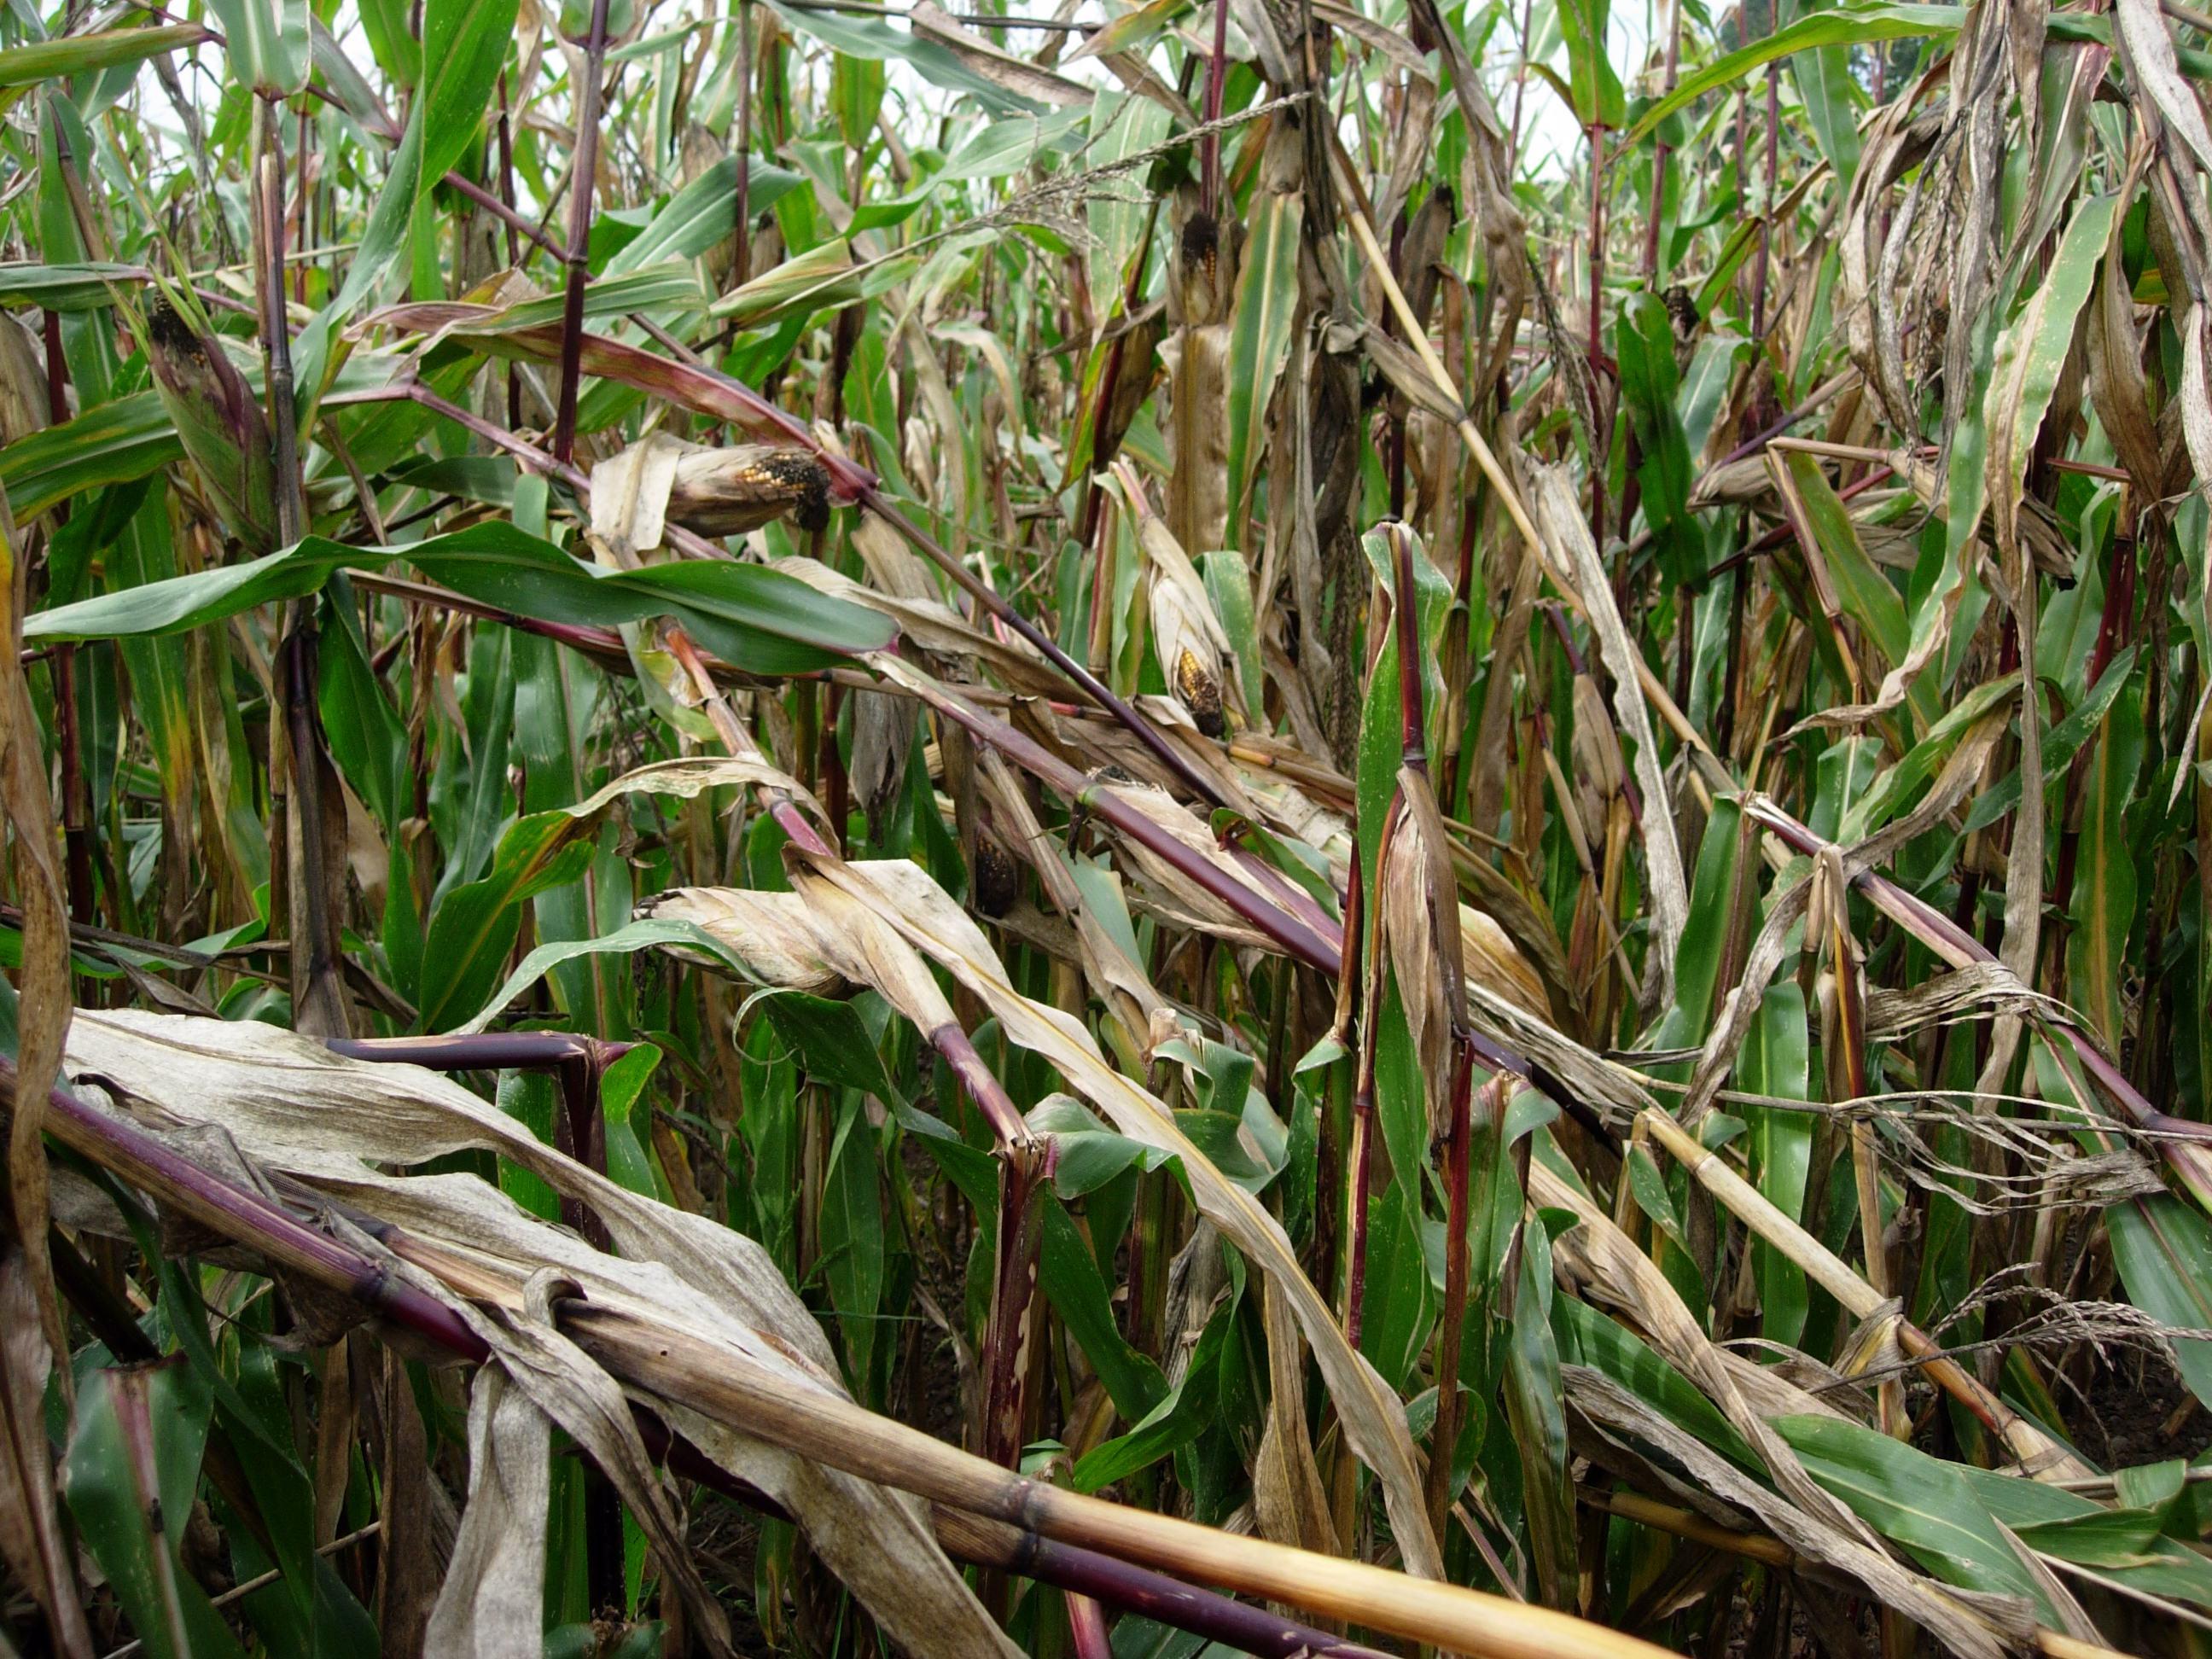 Starker Befall durch Maiszünsler: die Pflanzen knicken und liegen quer